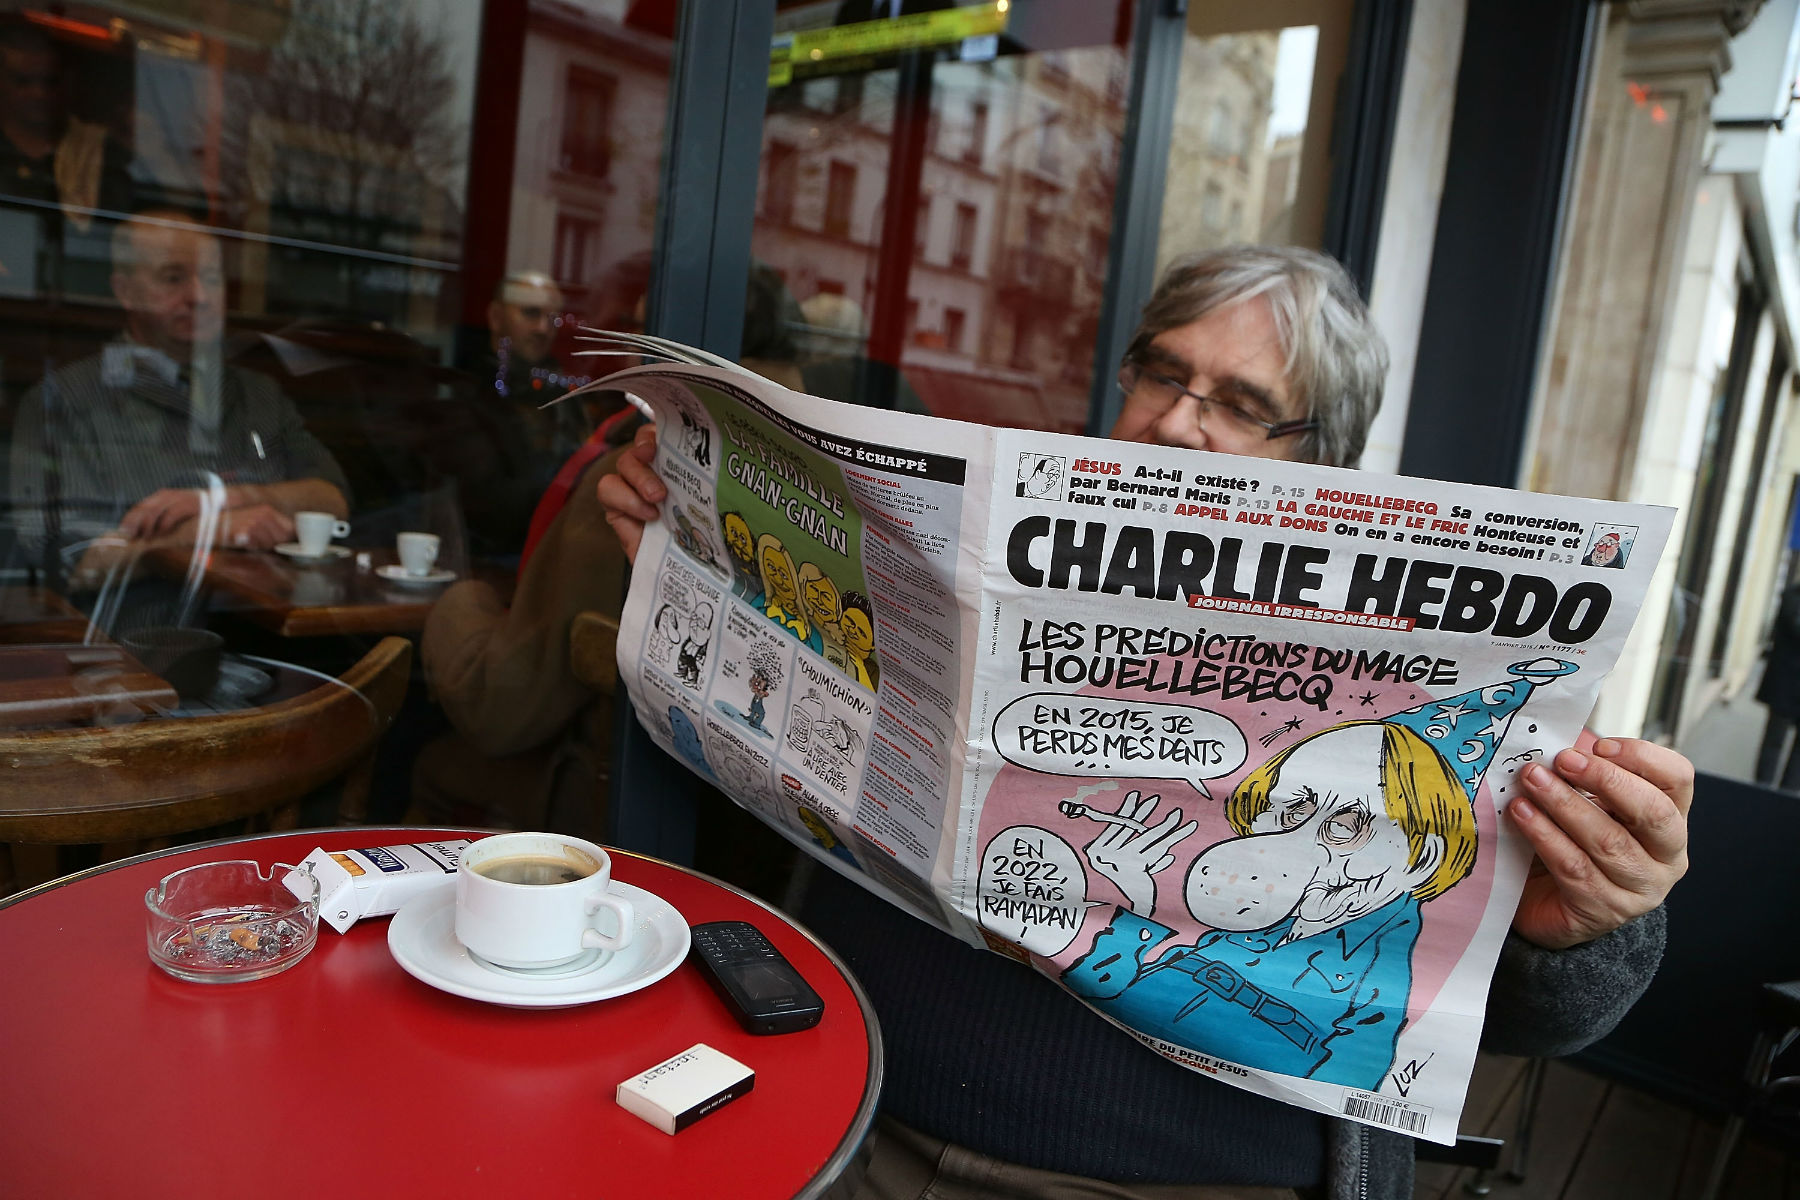 """Charlie Hebdo pisze opolskich """"strefach wolnych odLGBT"""". Publikujemy tłumaczenie"""